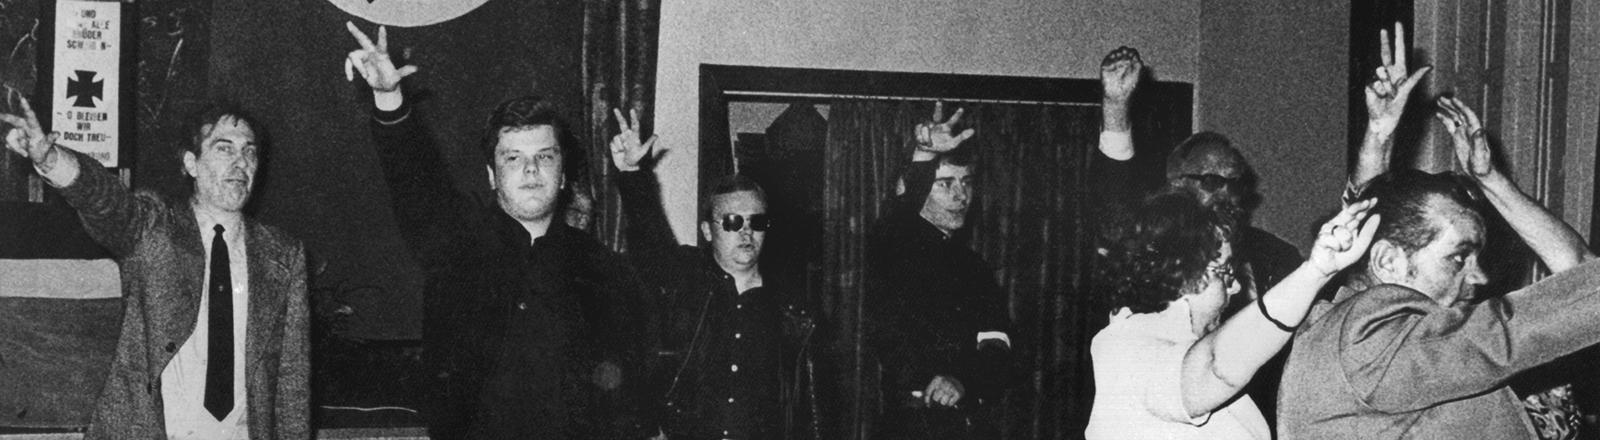 """Teilnehmer eines Treffens der rechtsradikalen Aktionsfront Nationaler Sozialisten während eines Treffens im Juli 1978. Zweiter von links der Vorsitzende der """"ANS"""", der ehemalige Bundeswehr-Leutnant Michael Kühnen"""